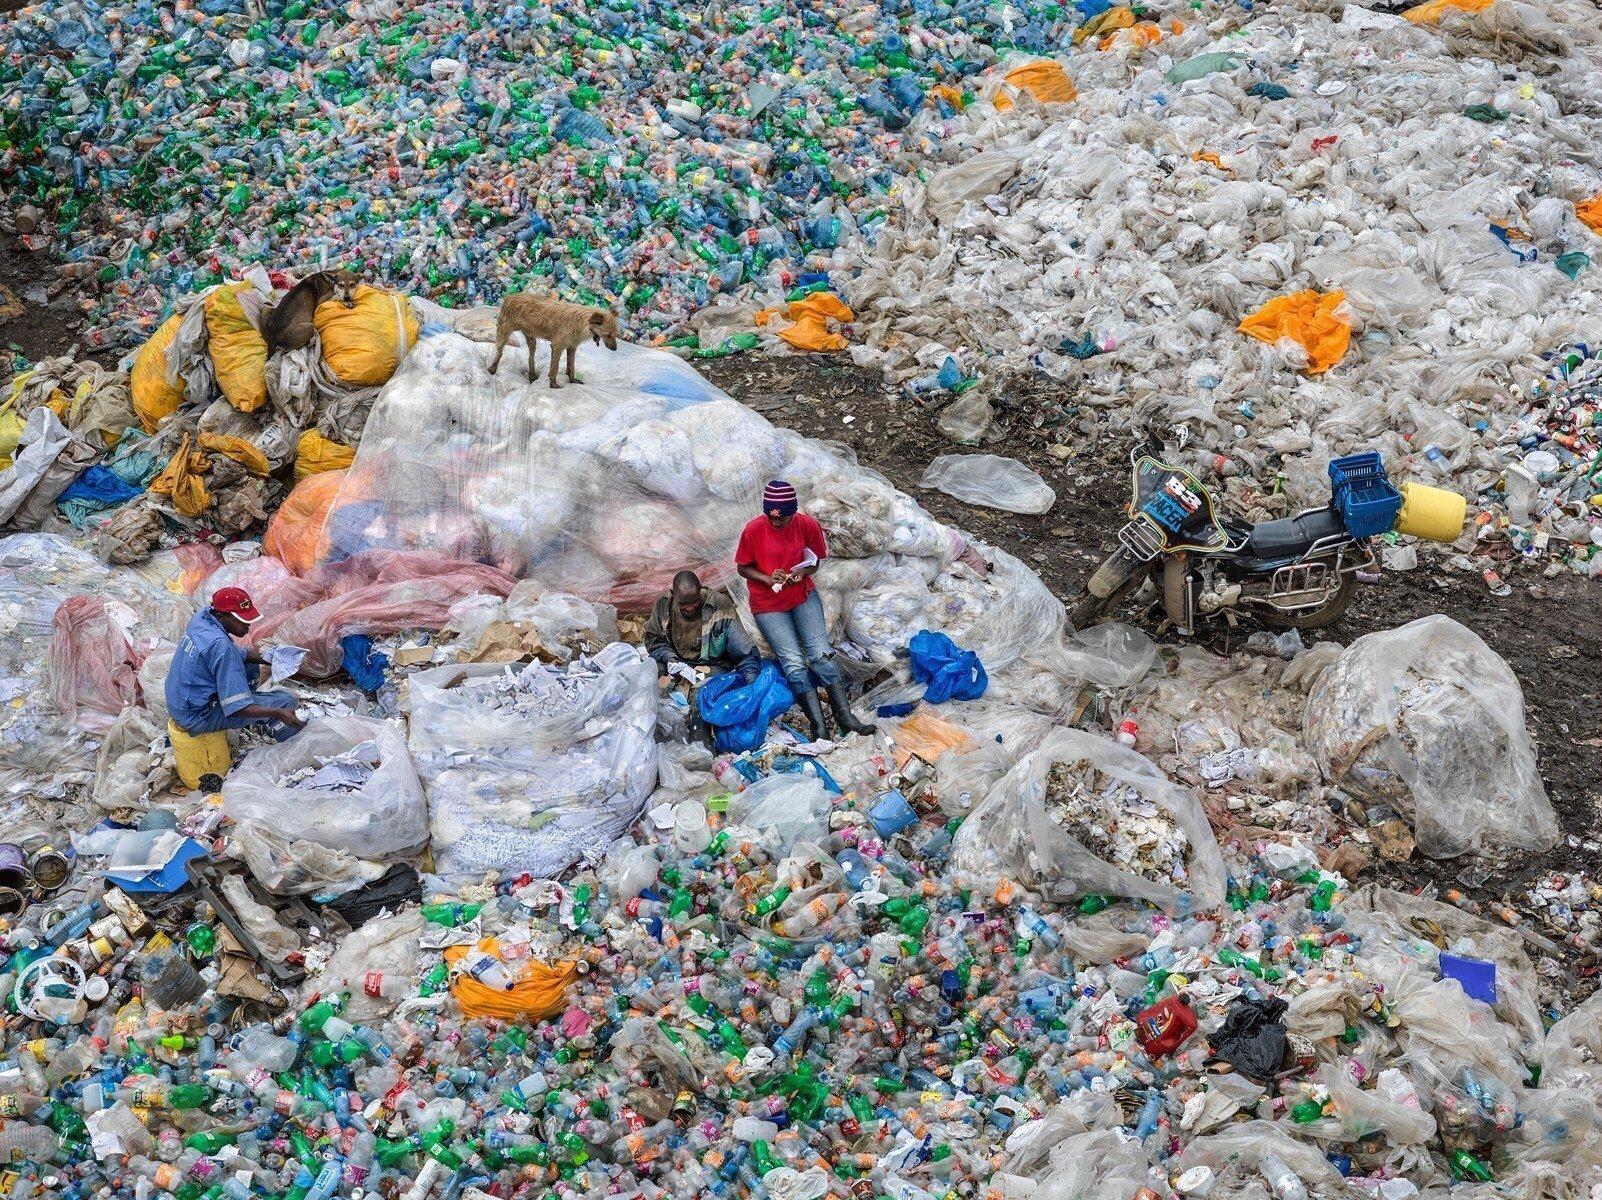 Das Bild zeigt zwei Männer inmitten einer Plastikmüll-Deponie in Kenia.